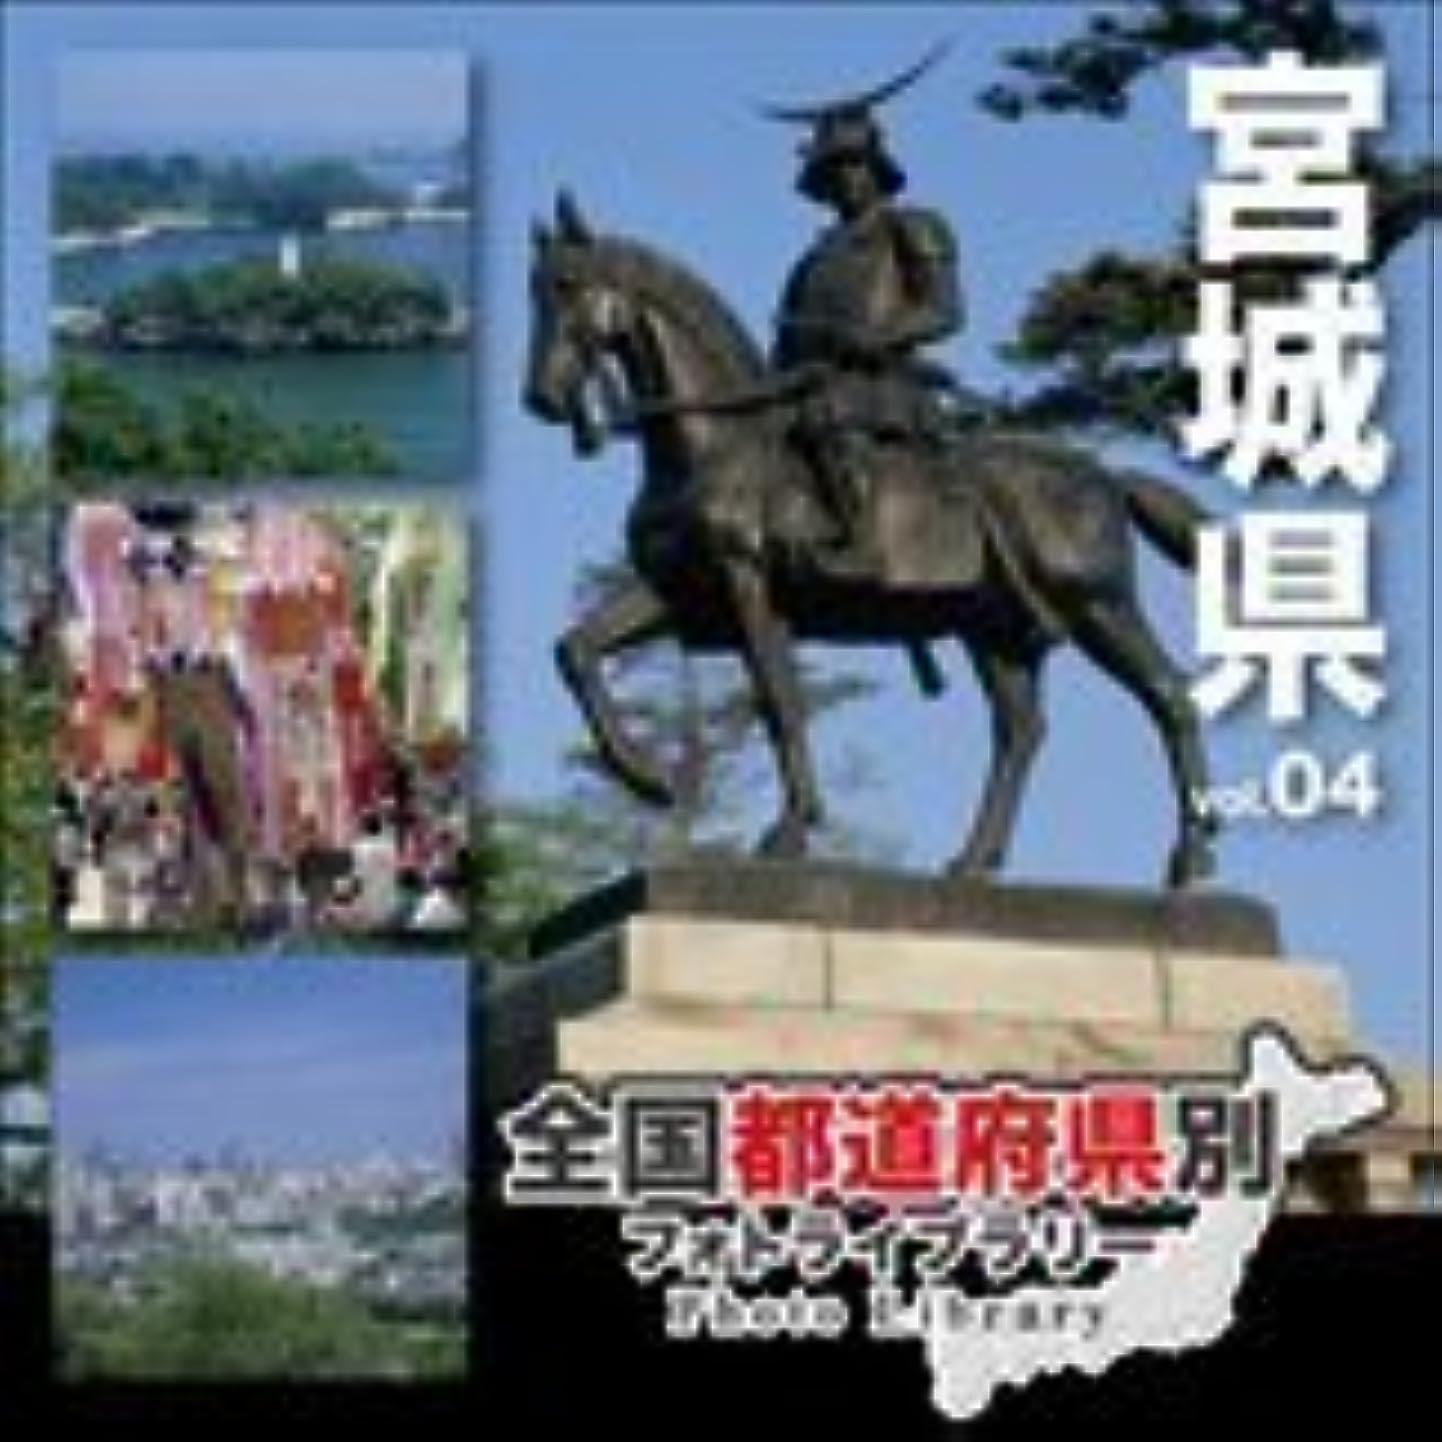 回る出血懐疑的全国都道府県別フォトライブラリー Vol.04 宮城県